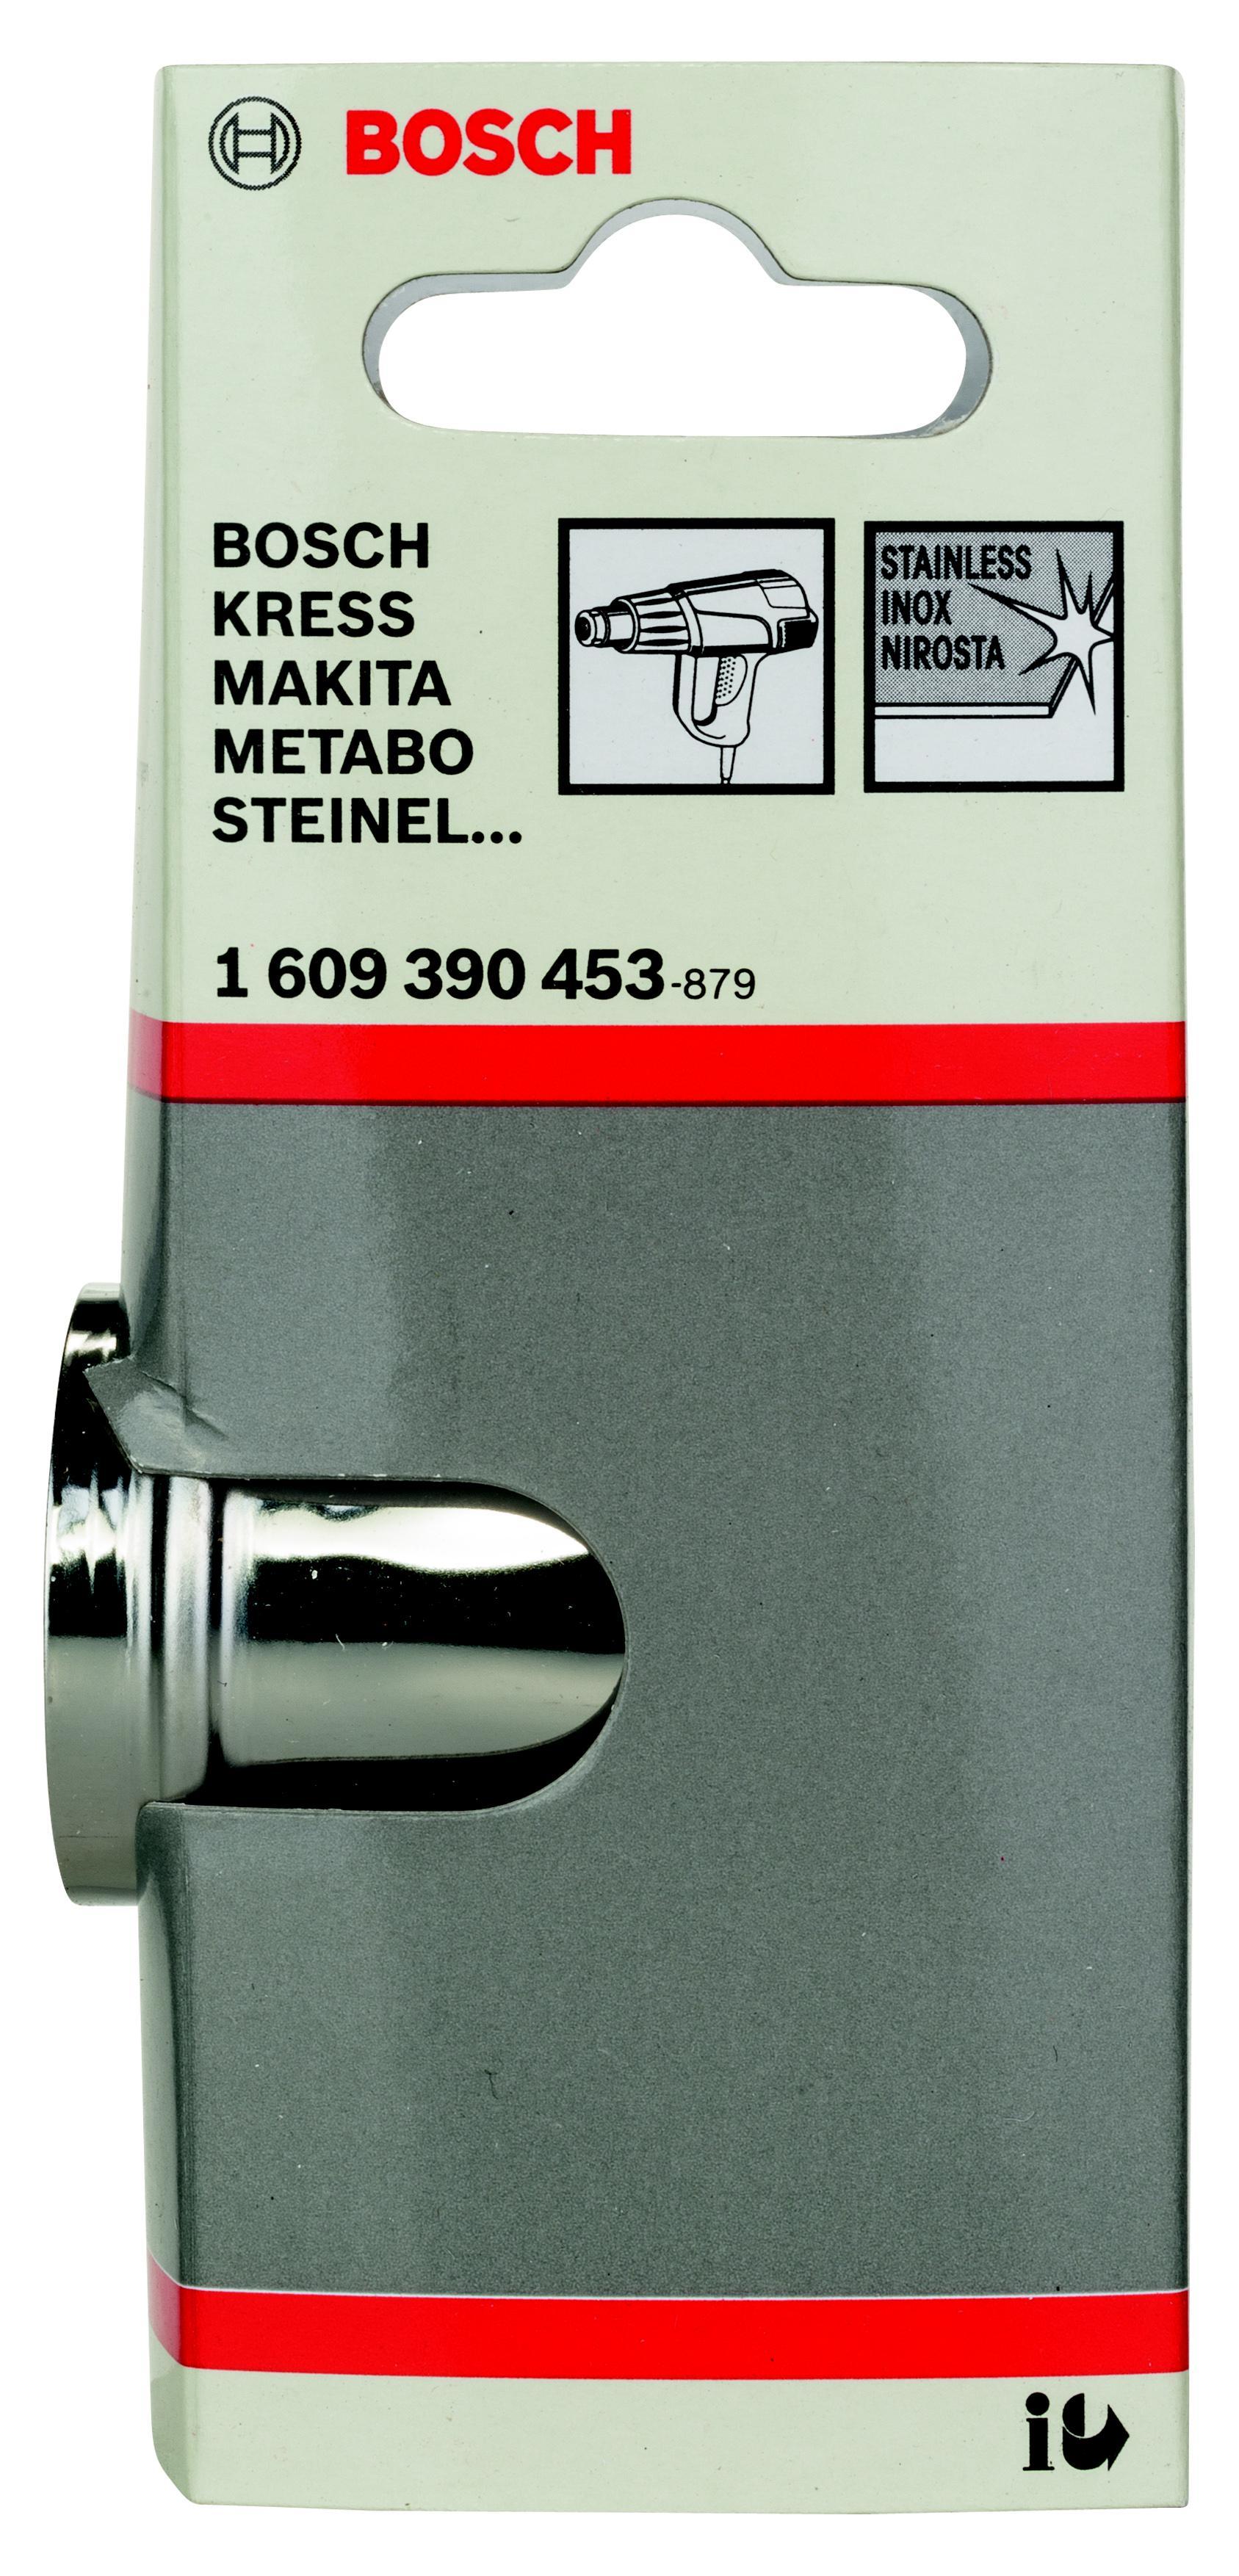 Насадка Bosch для фена - рефлекторное сопло (1.609.390.453) насадка для кухонного комбайна bosch muz8cc2